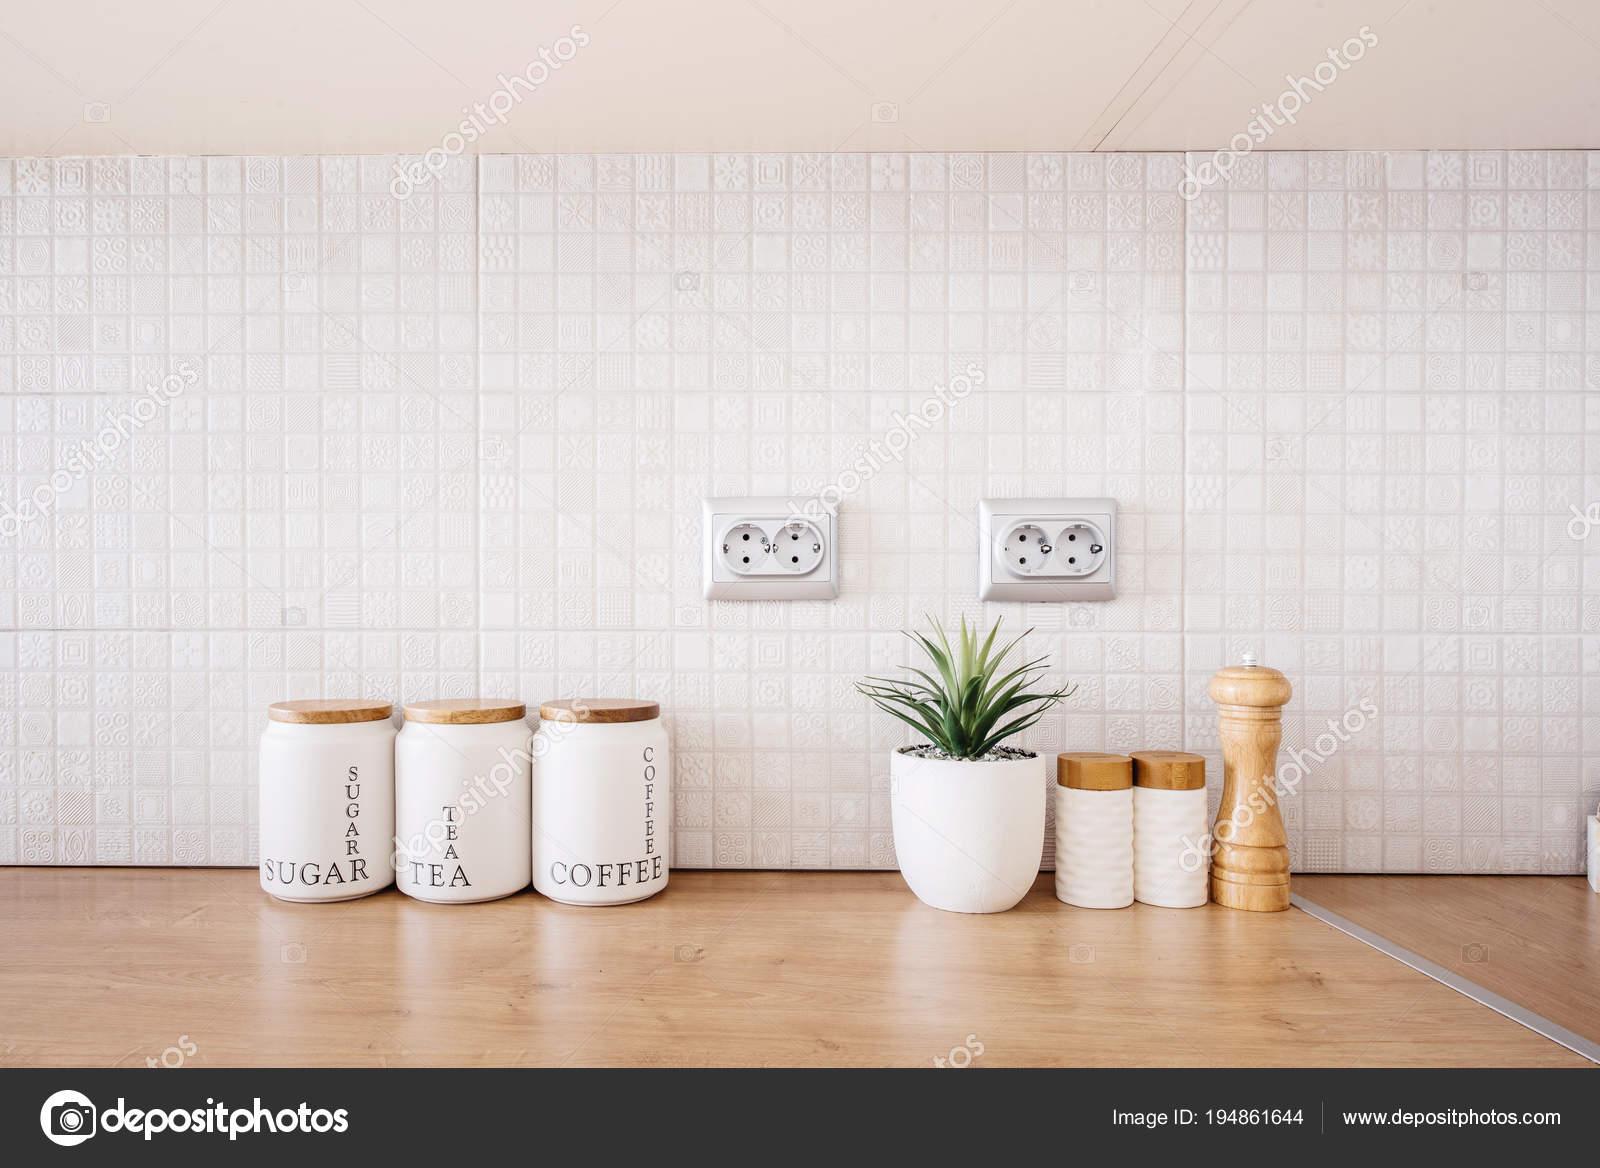 GroBartig Innenraum Schränke In Moderne Küche, Moderne Holzmöbel Mit Zucker, Tee Und  Kaffee Schalen U2014